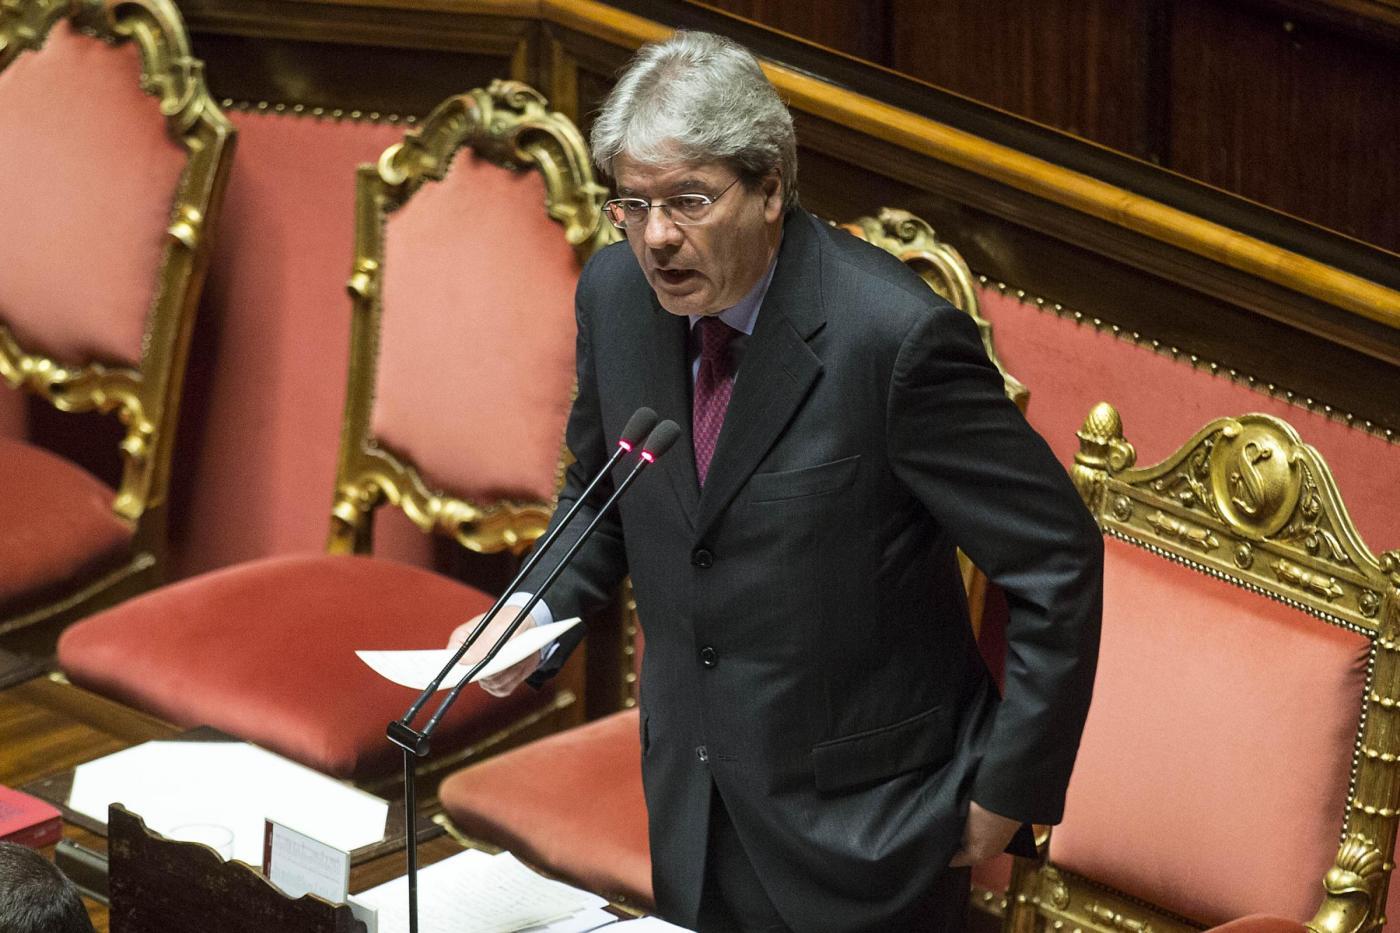 Senato Informativa del ministro degli Esteri Gentiloni sul caso Regeni